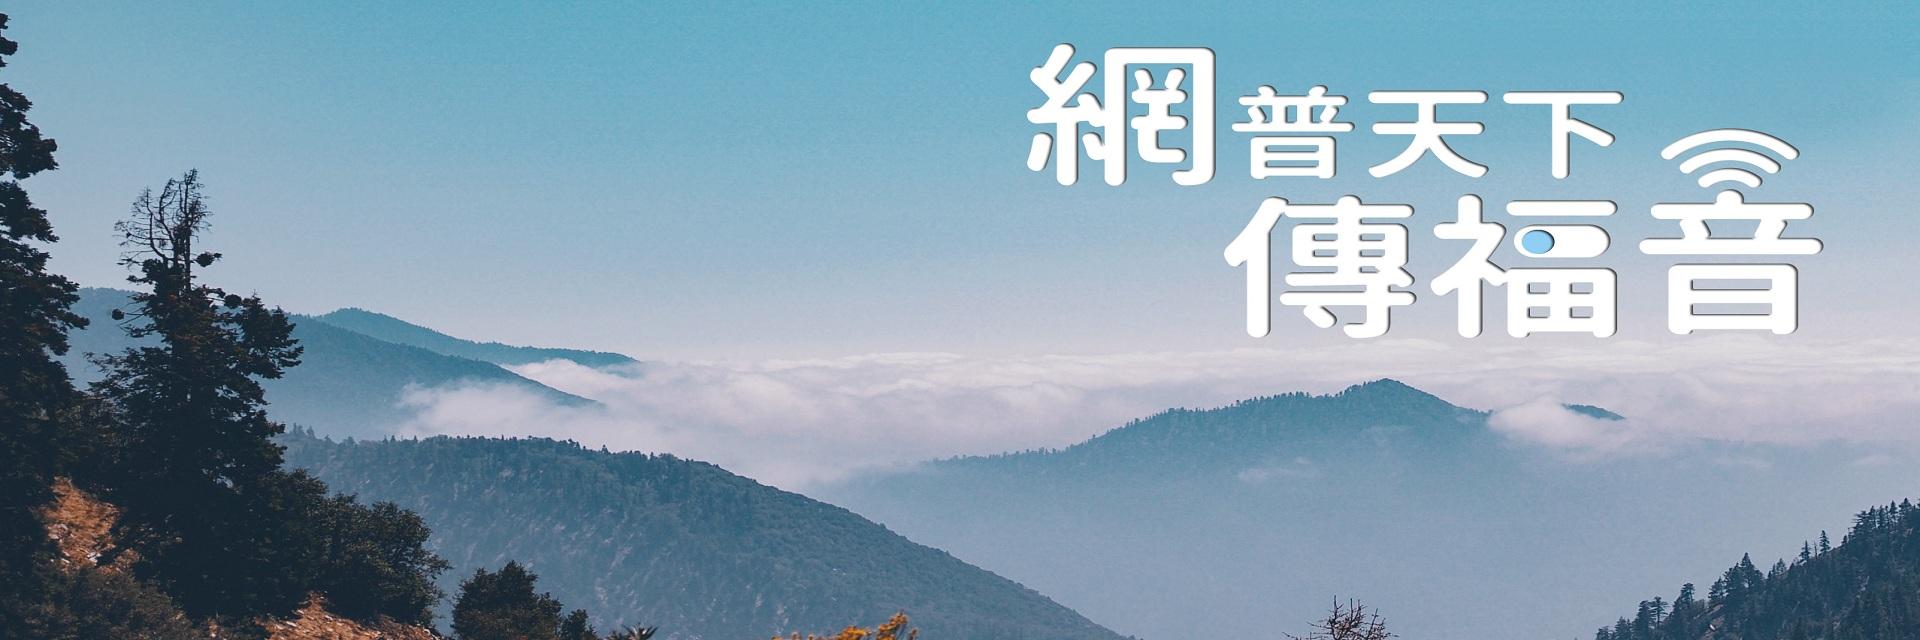 傳播基金會官網封面